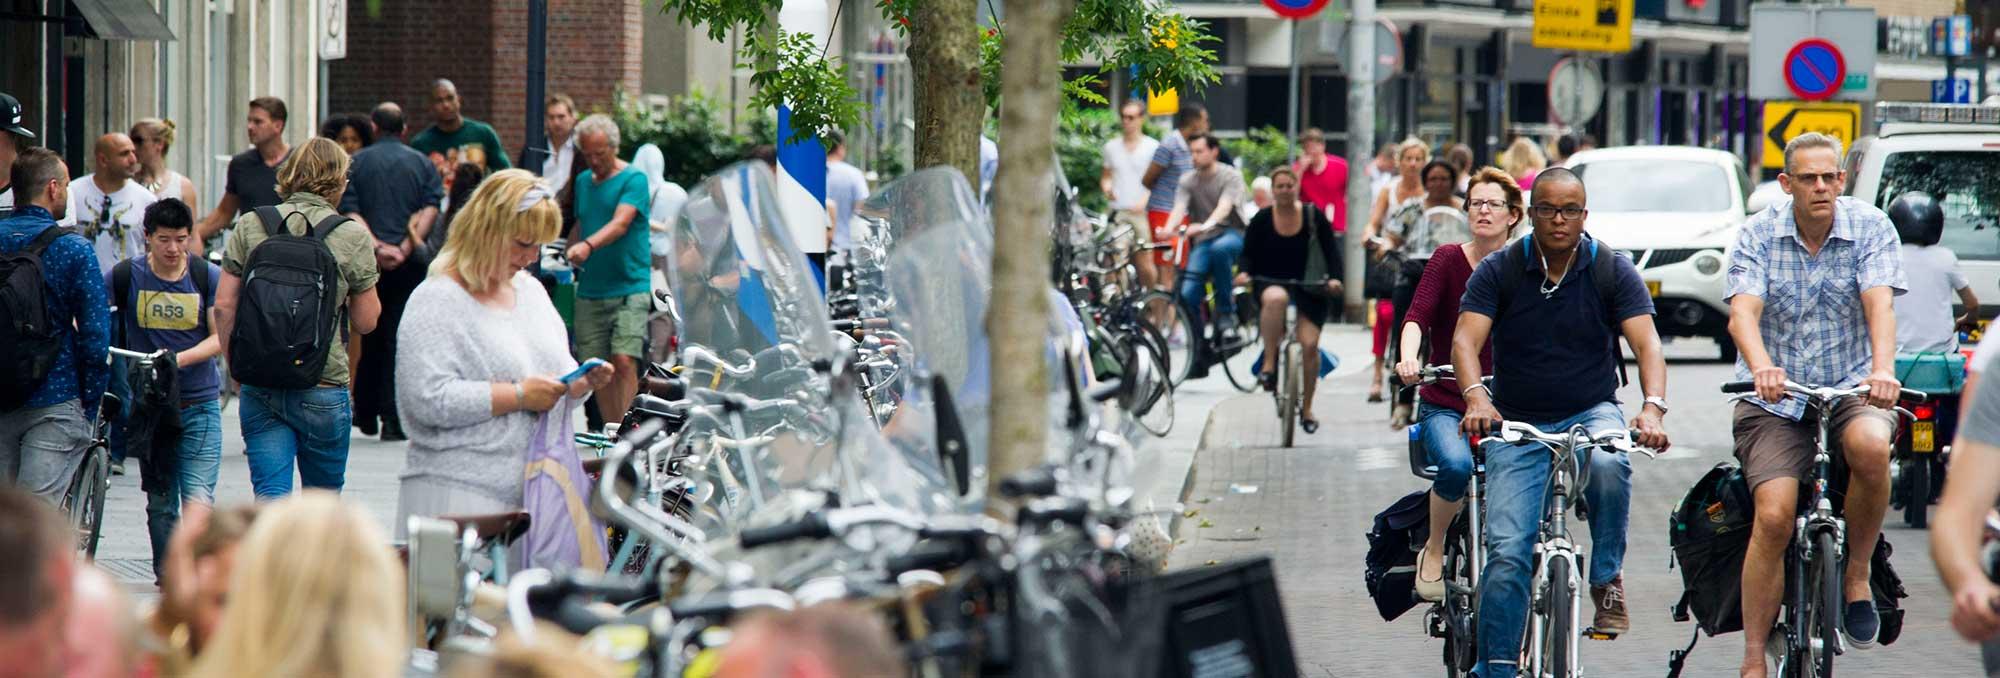 Fietsend en wandelend publiek in Rotterdam Centrum, op de pagina Organisatie van de website van UDSRotterdam